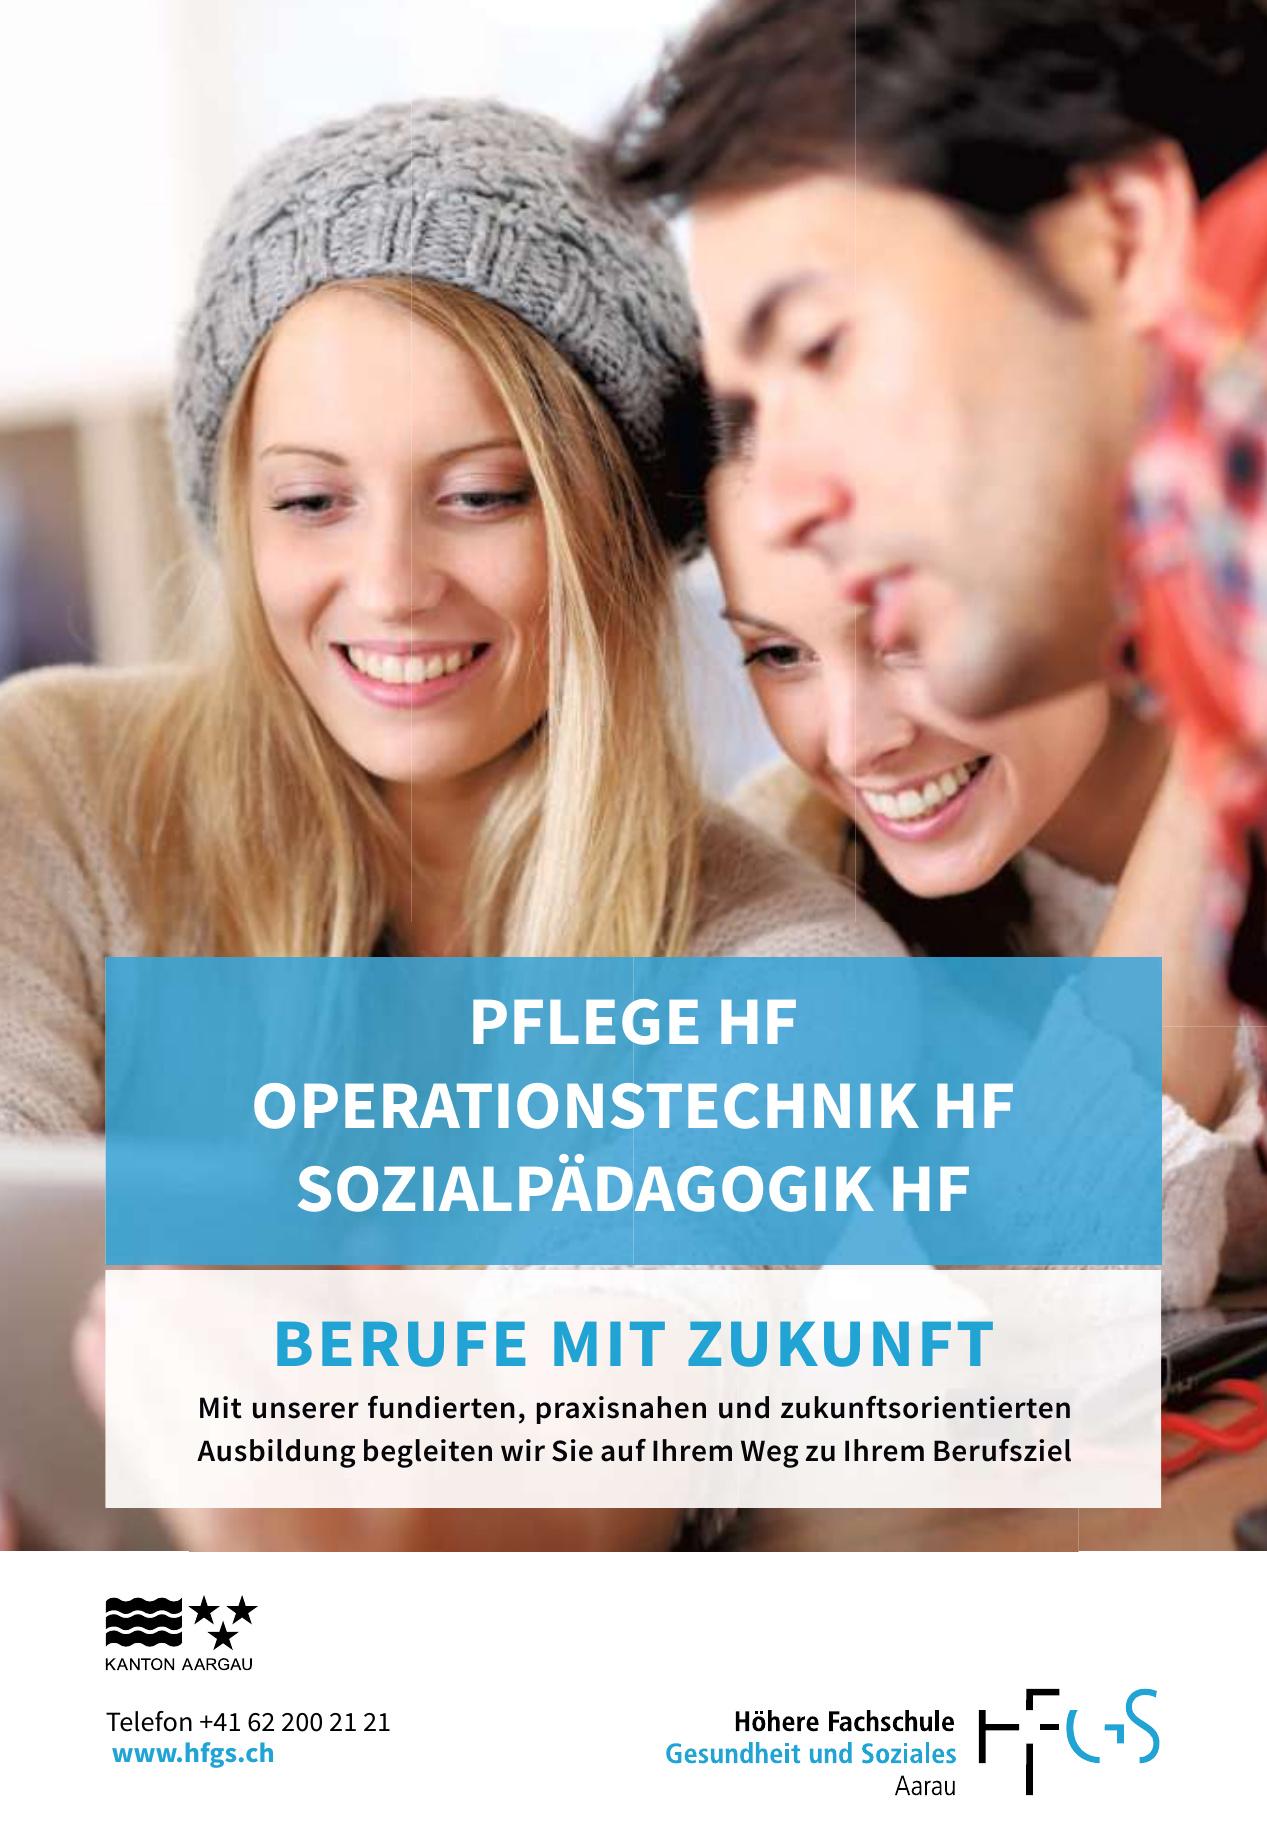 HFGS Höhere Fachschule Gesundheit und Soziales Aarau